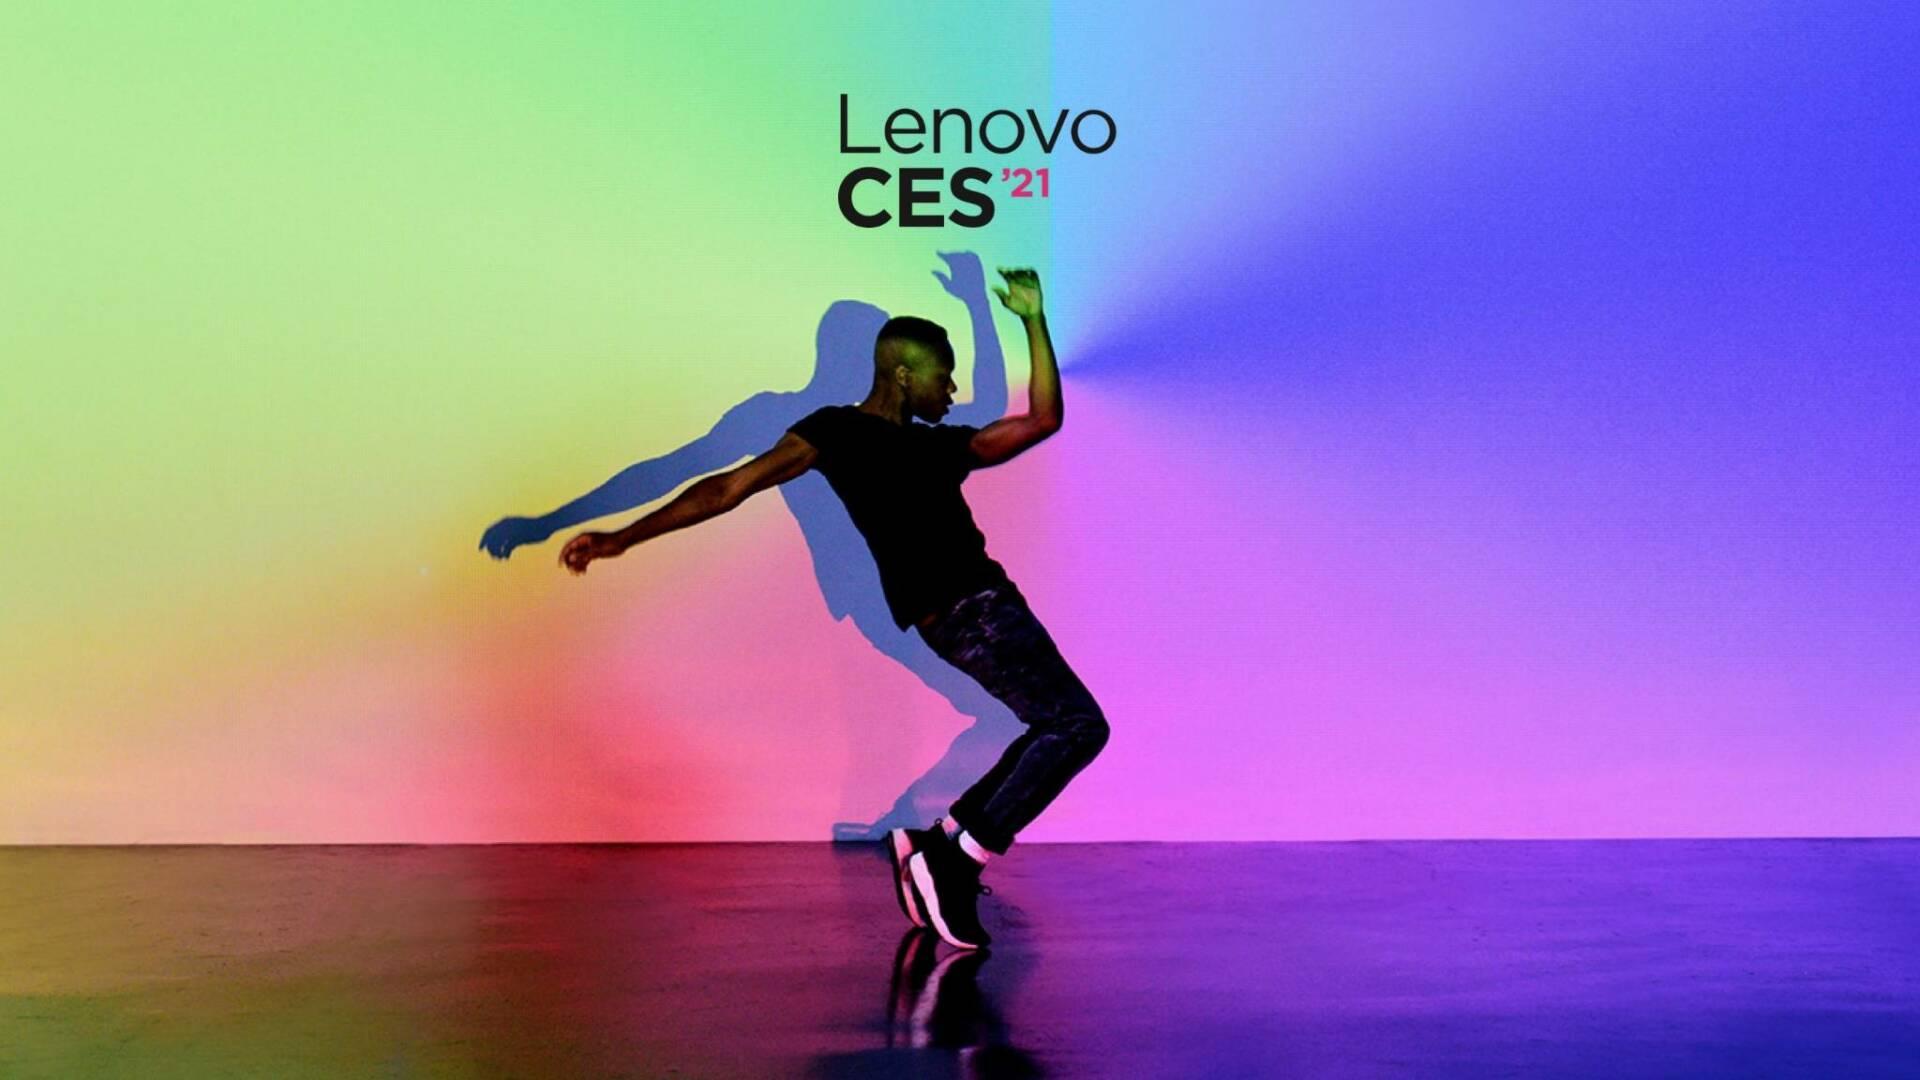 Lenovo CES 2021